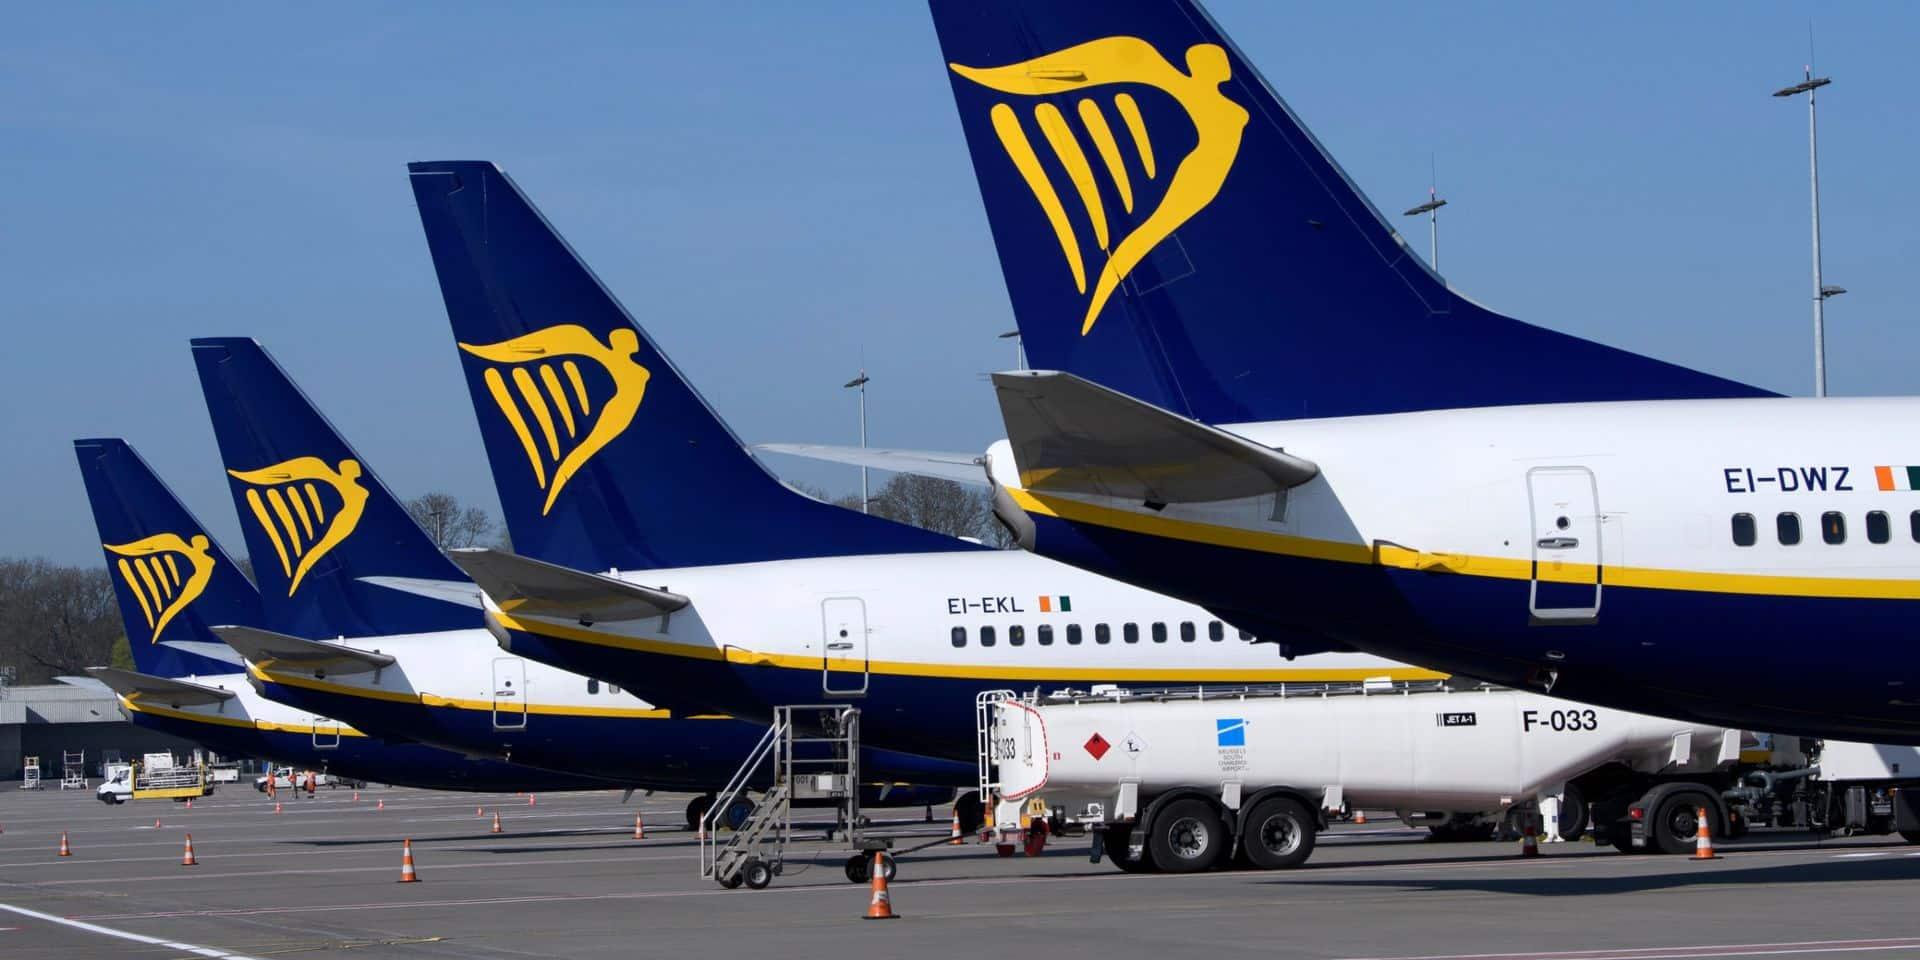 Les pilotes belges redemandent à Ryanair de négocier de bonne foi